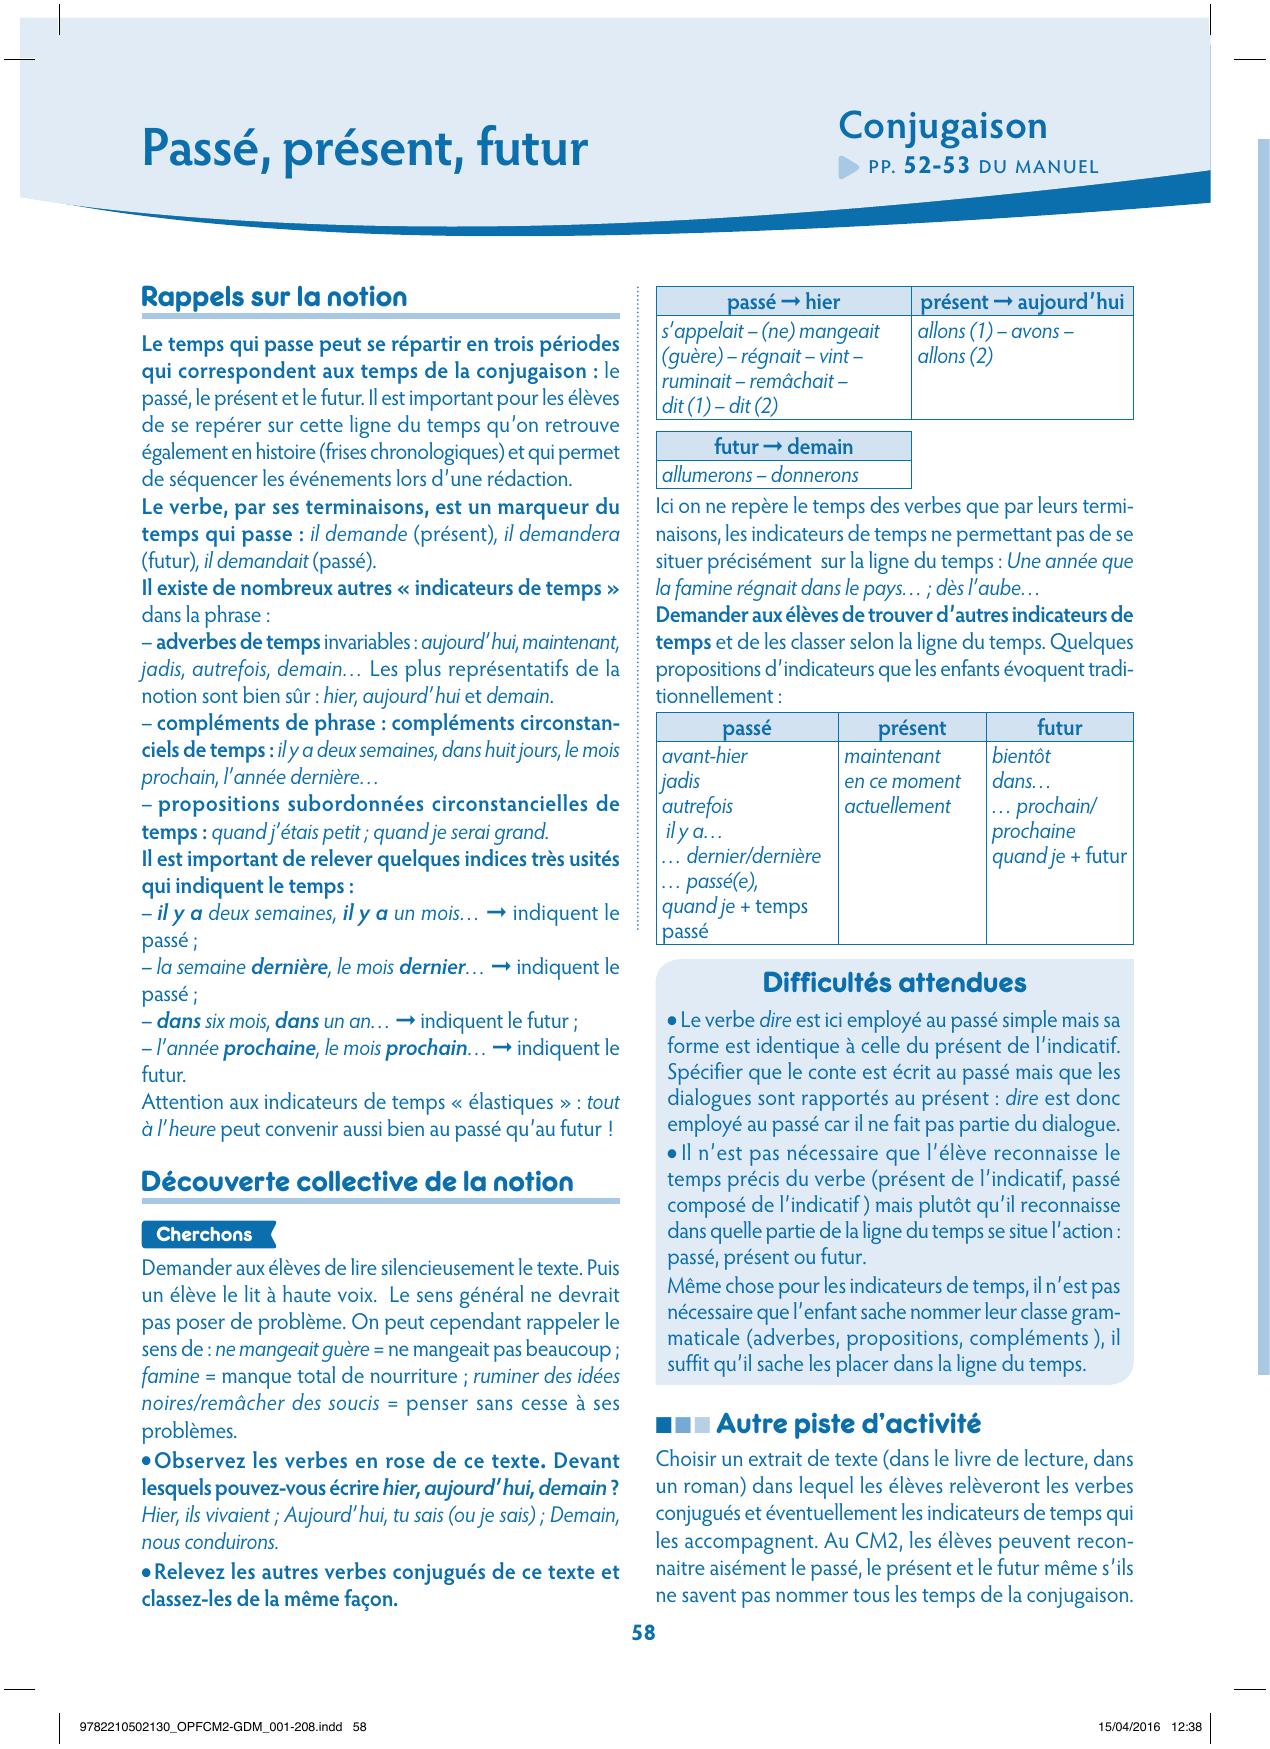 Conjugaison Les Nouveaux Outils Pour Le Francais Cm2 2016